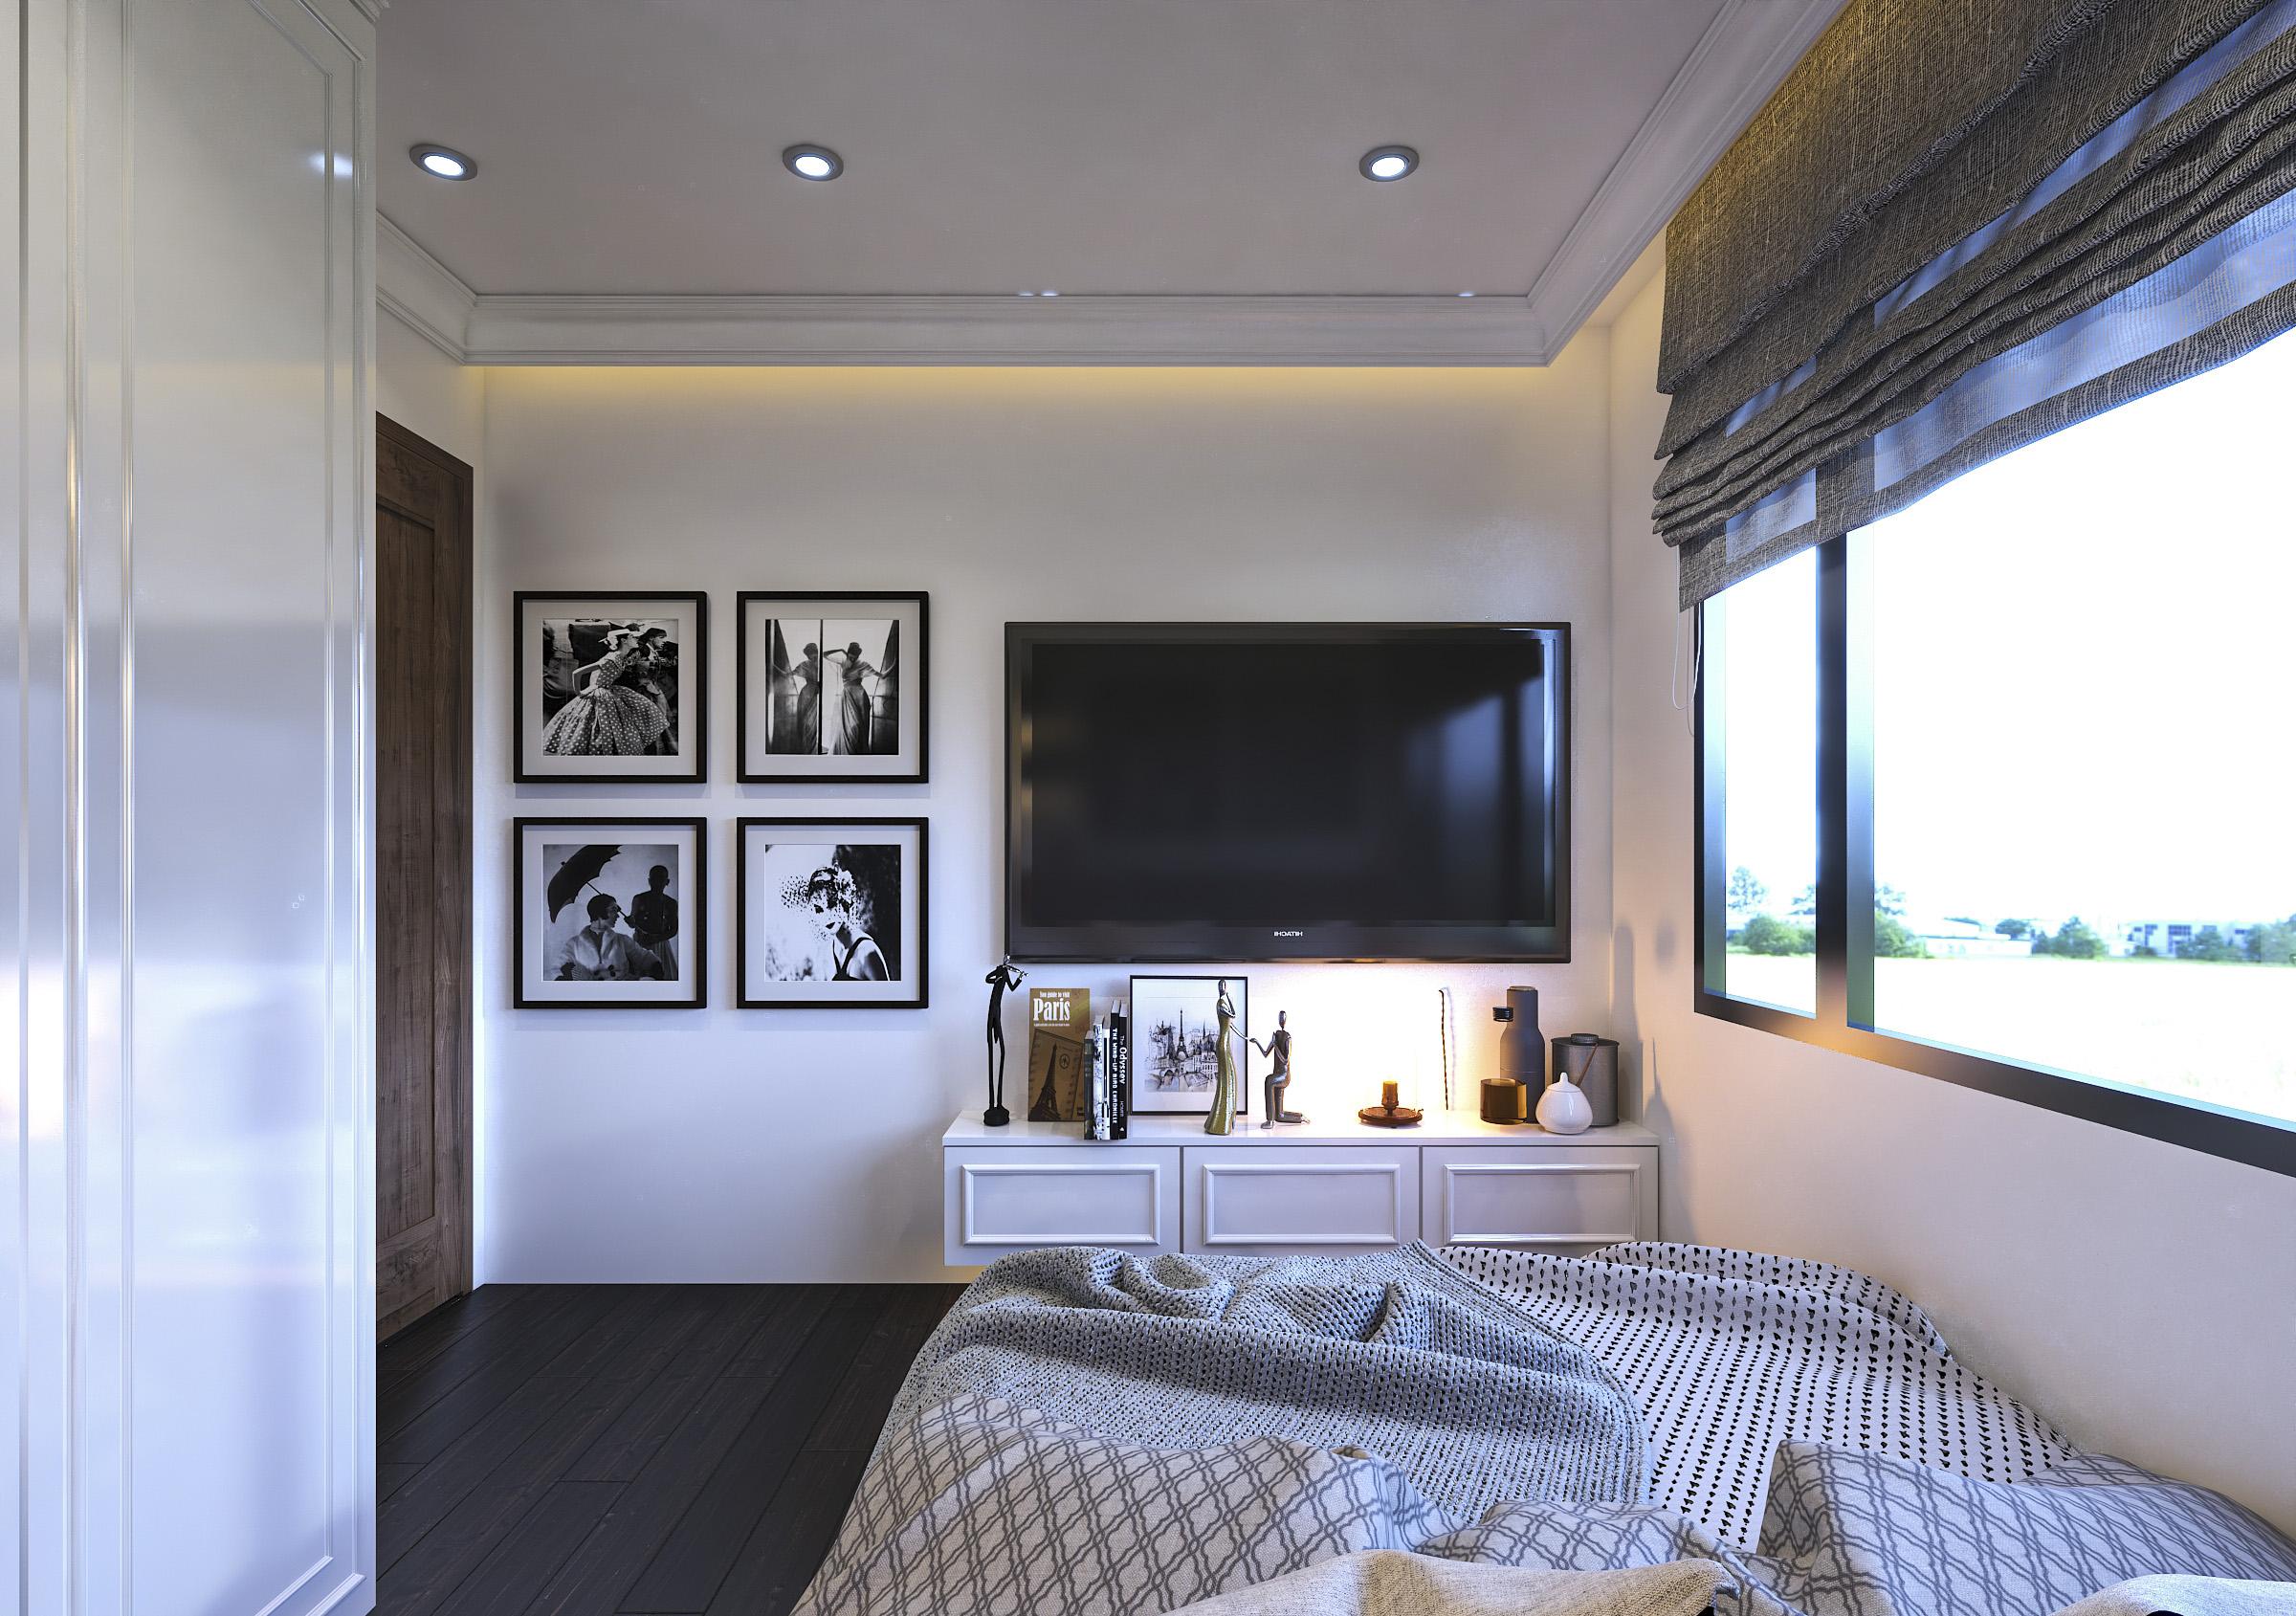 Thiết kế nội thất Chung Cư tại Hồ Chí Minh Ms Liên's Apartment 1592323882 16